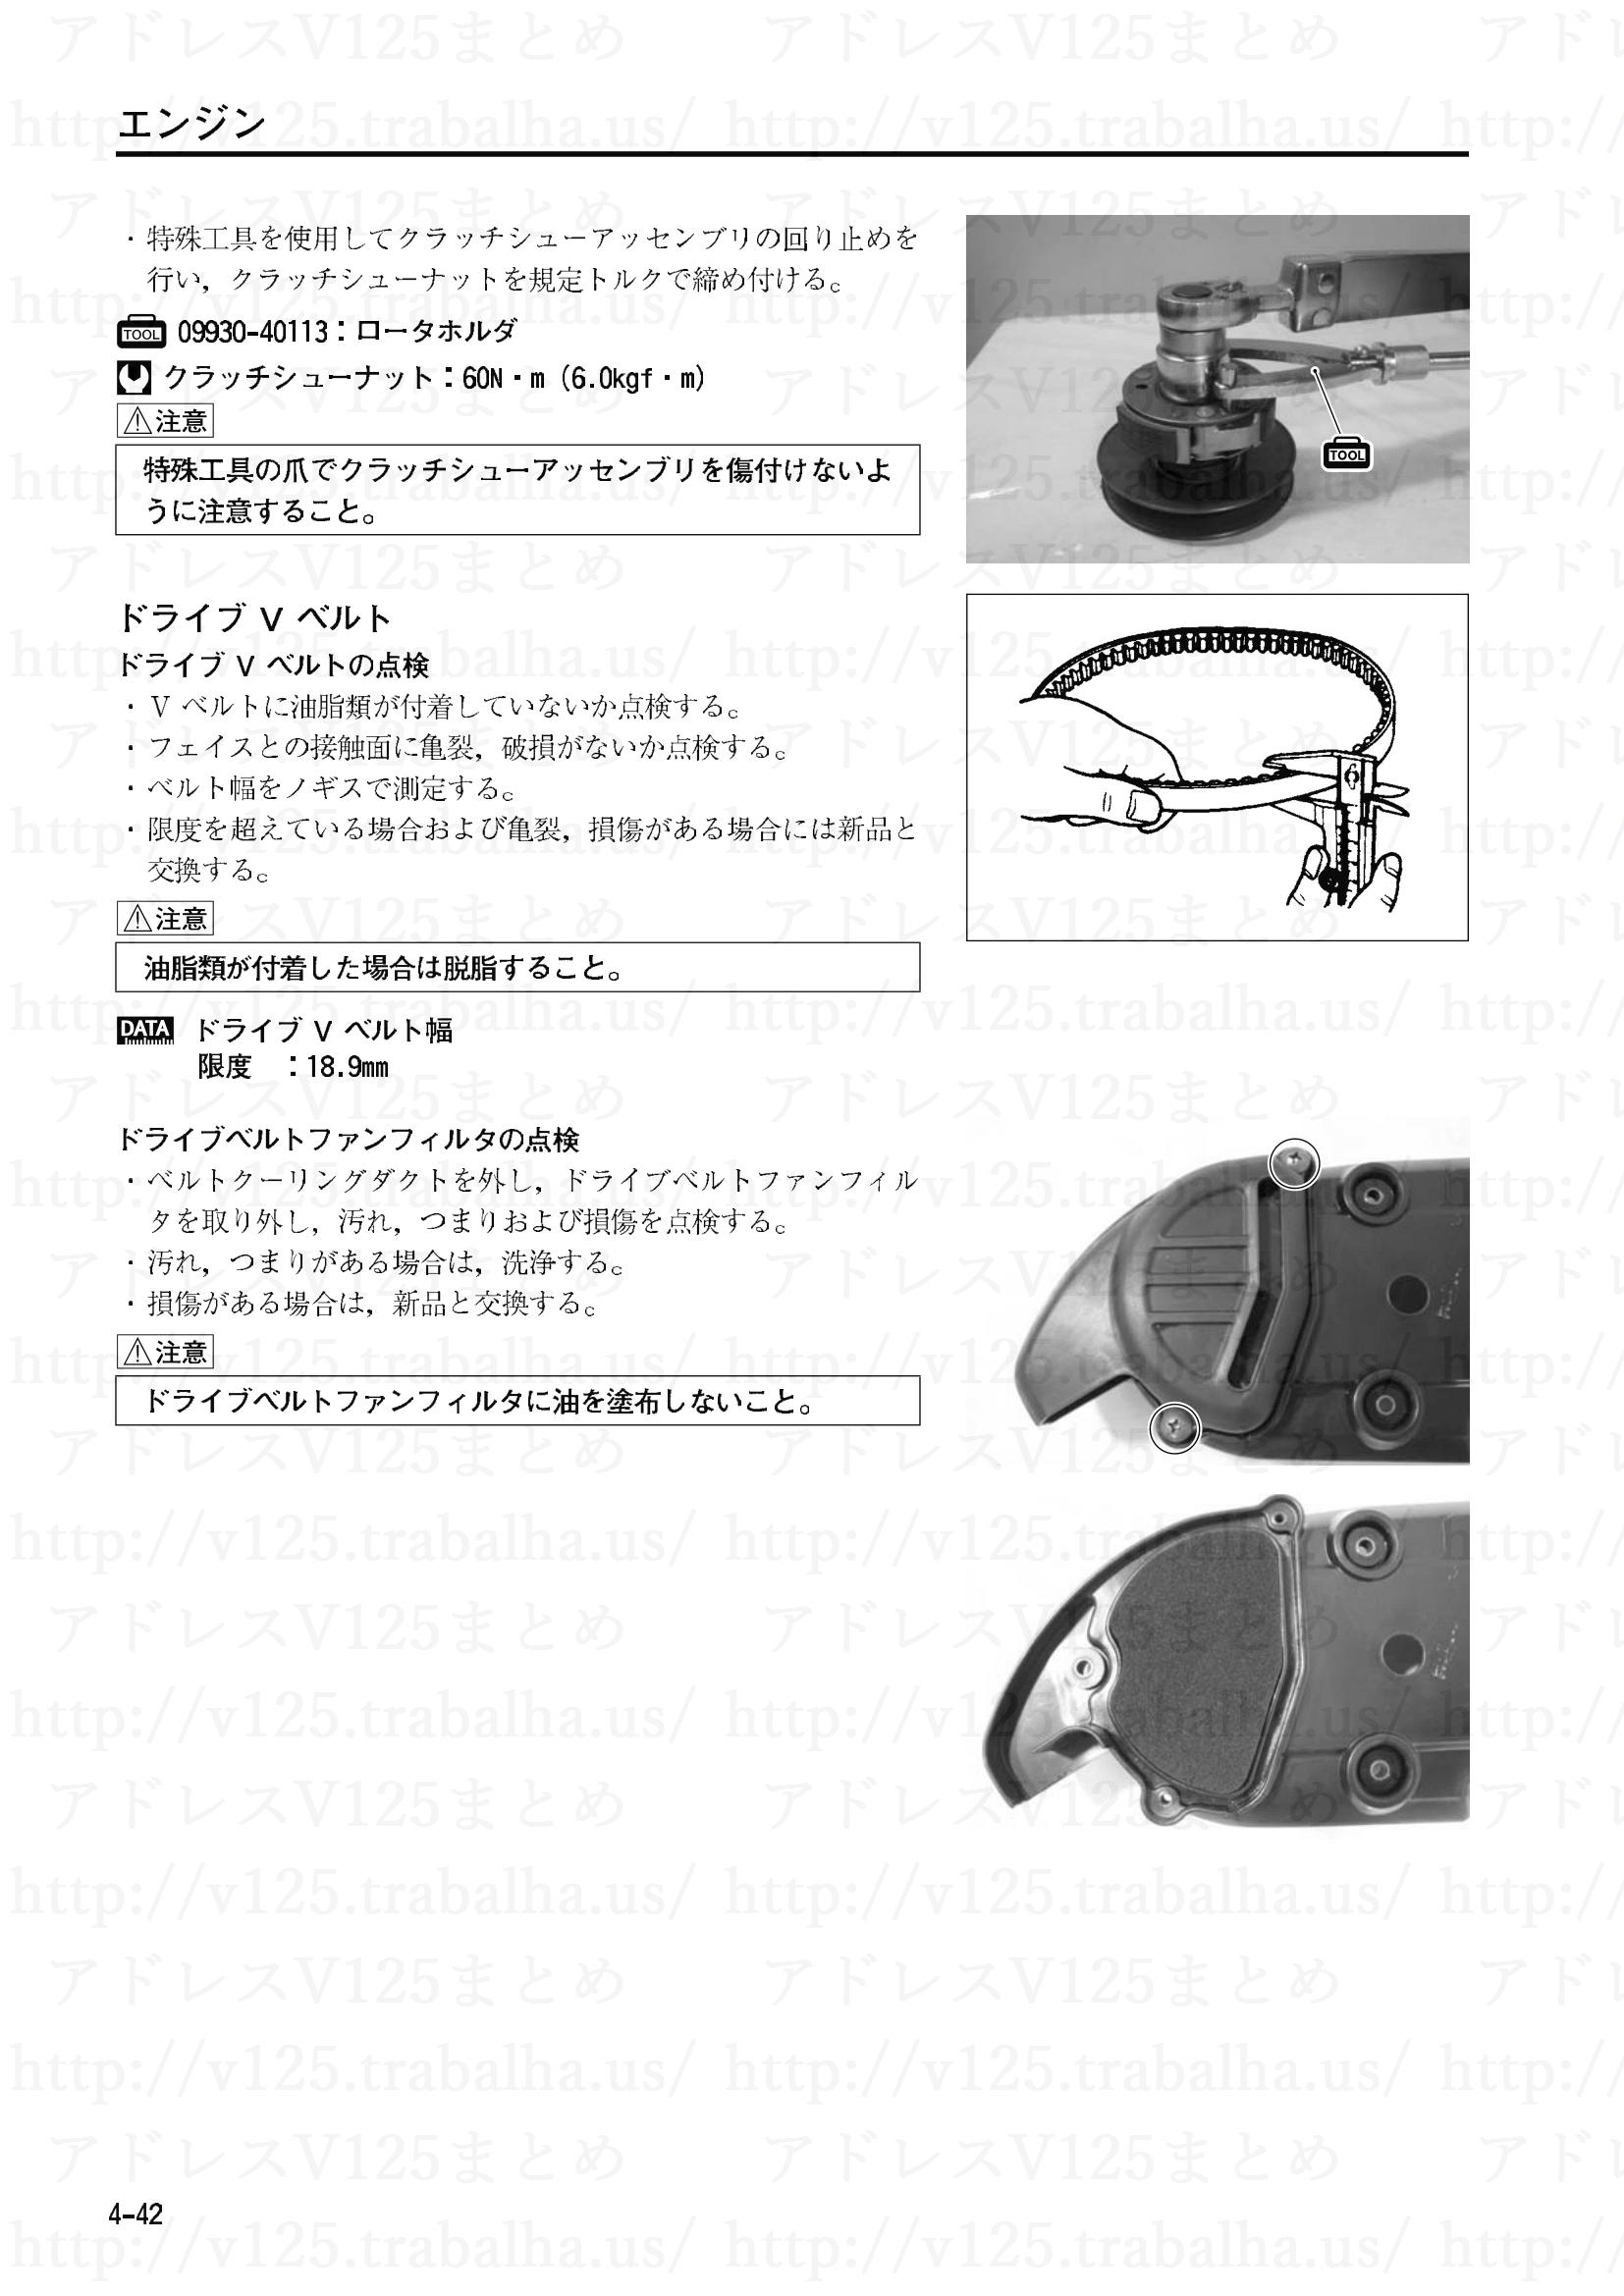 4-42【エンジン】エンジン部組部品の点検20